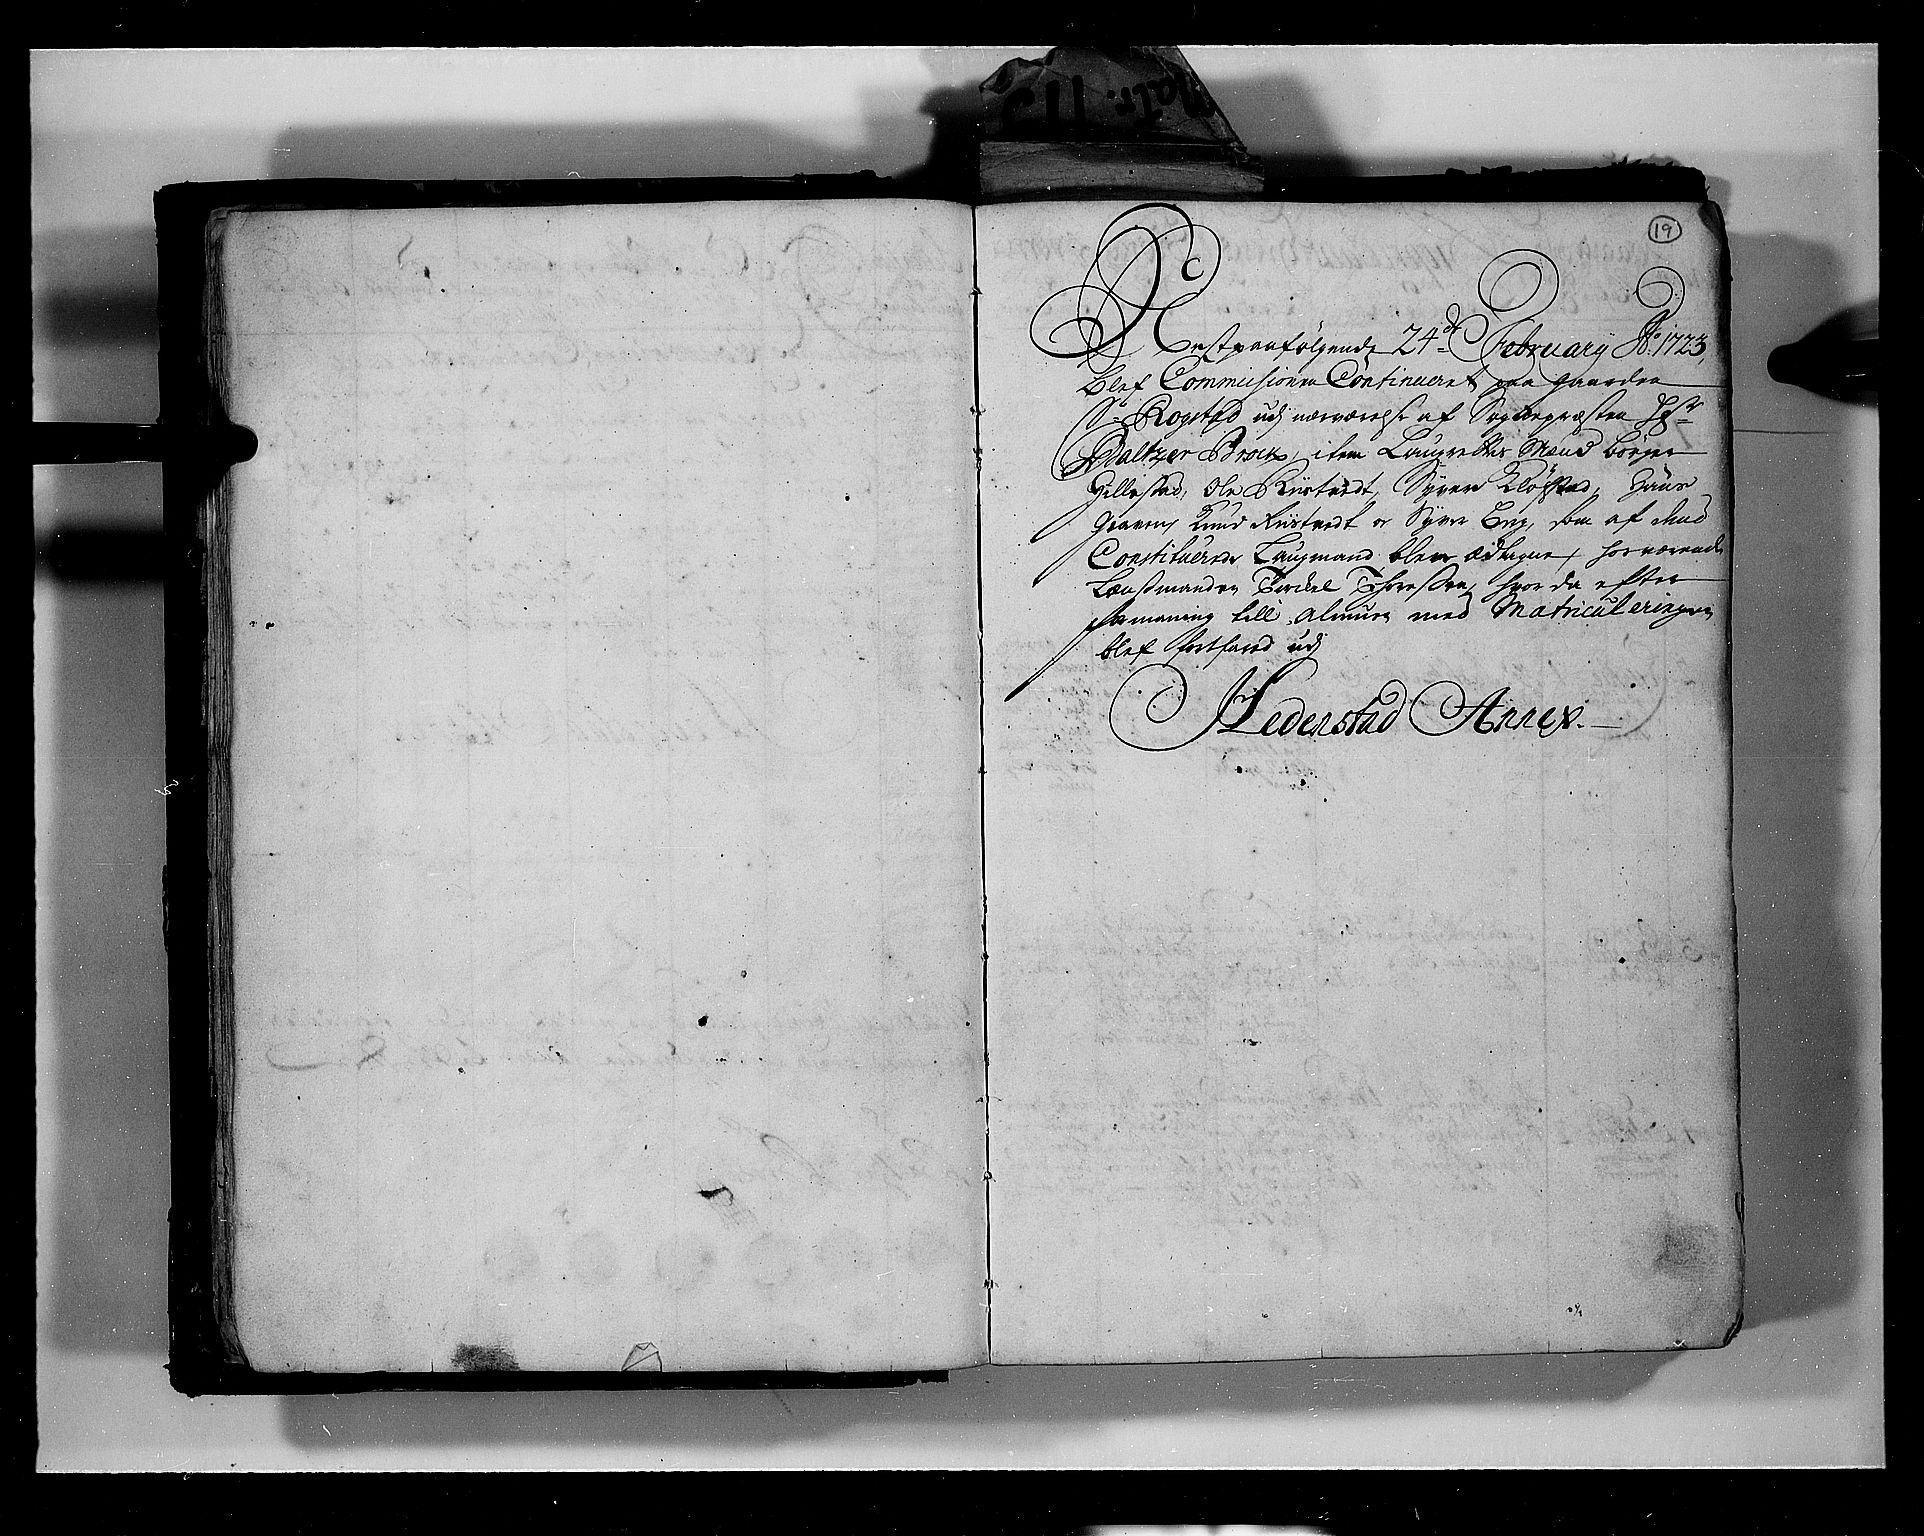 RA, Rentekammeret inntil 1814, Realistisk ordnet avdeling, N/Nb/Nbf/L0113: Numedal og Sandsvær eksaminasjonsprotokoll, 1723, s. 18b-19a